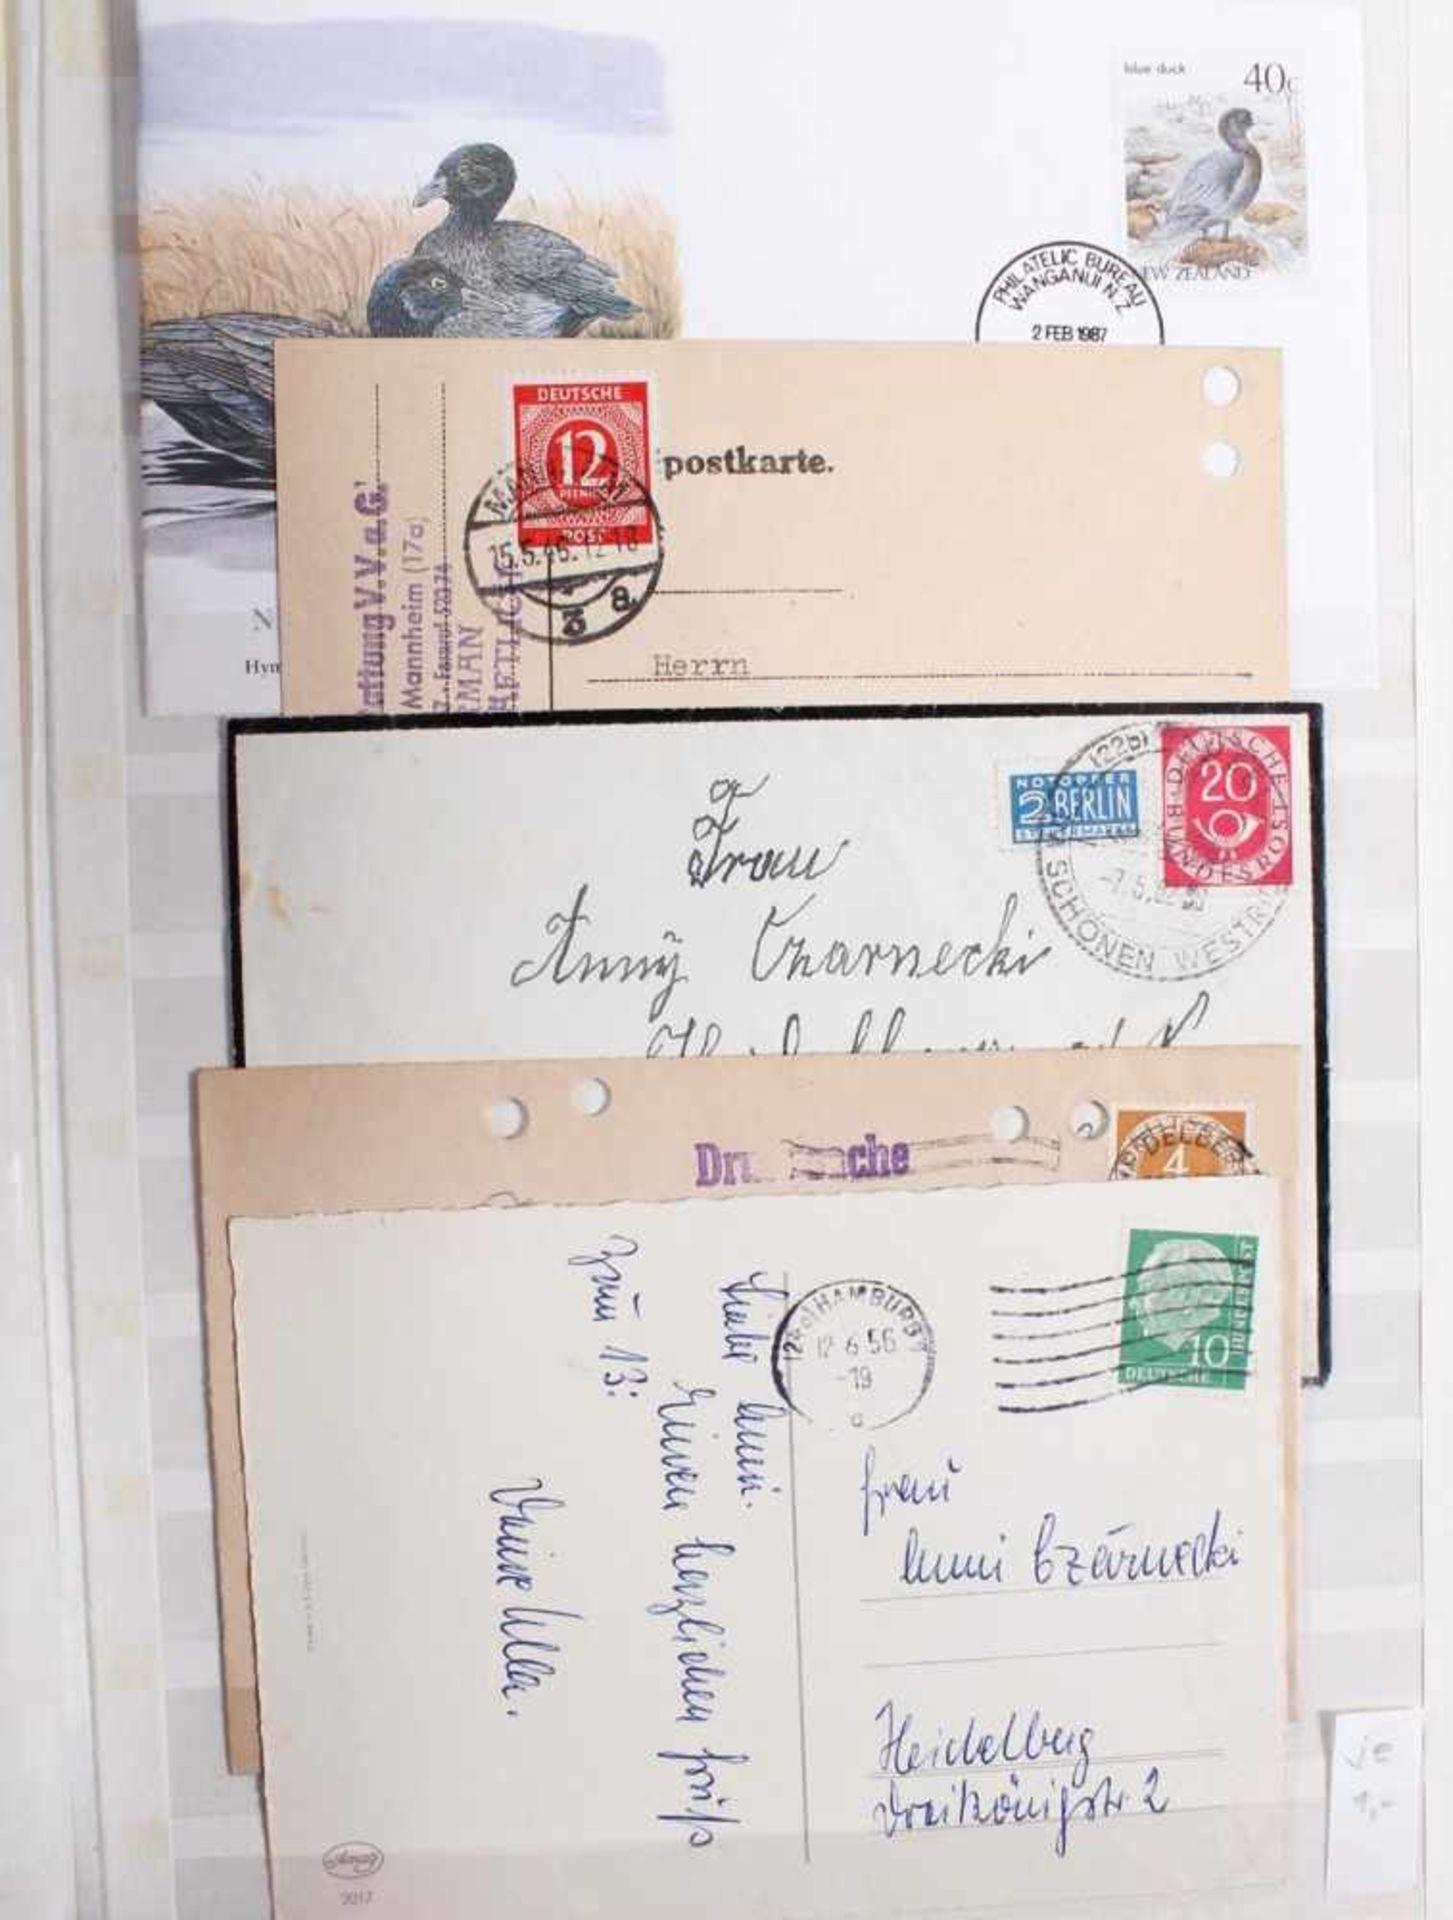 Kleine Sammlung Belege, Ganzsachen und BriefeInsgesamt 3 gut gefüllte Alben.1 Album Briefe, - Bild 7 aus 7